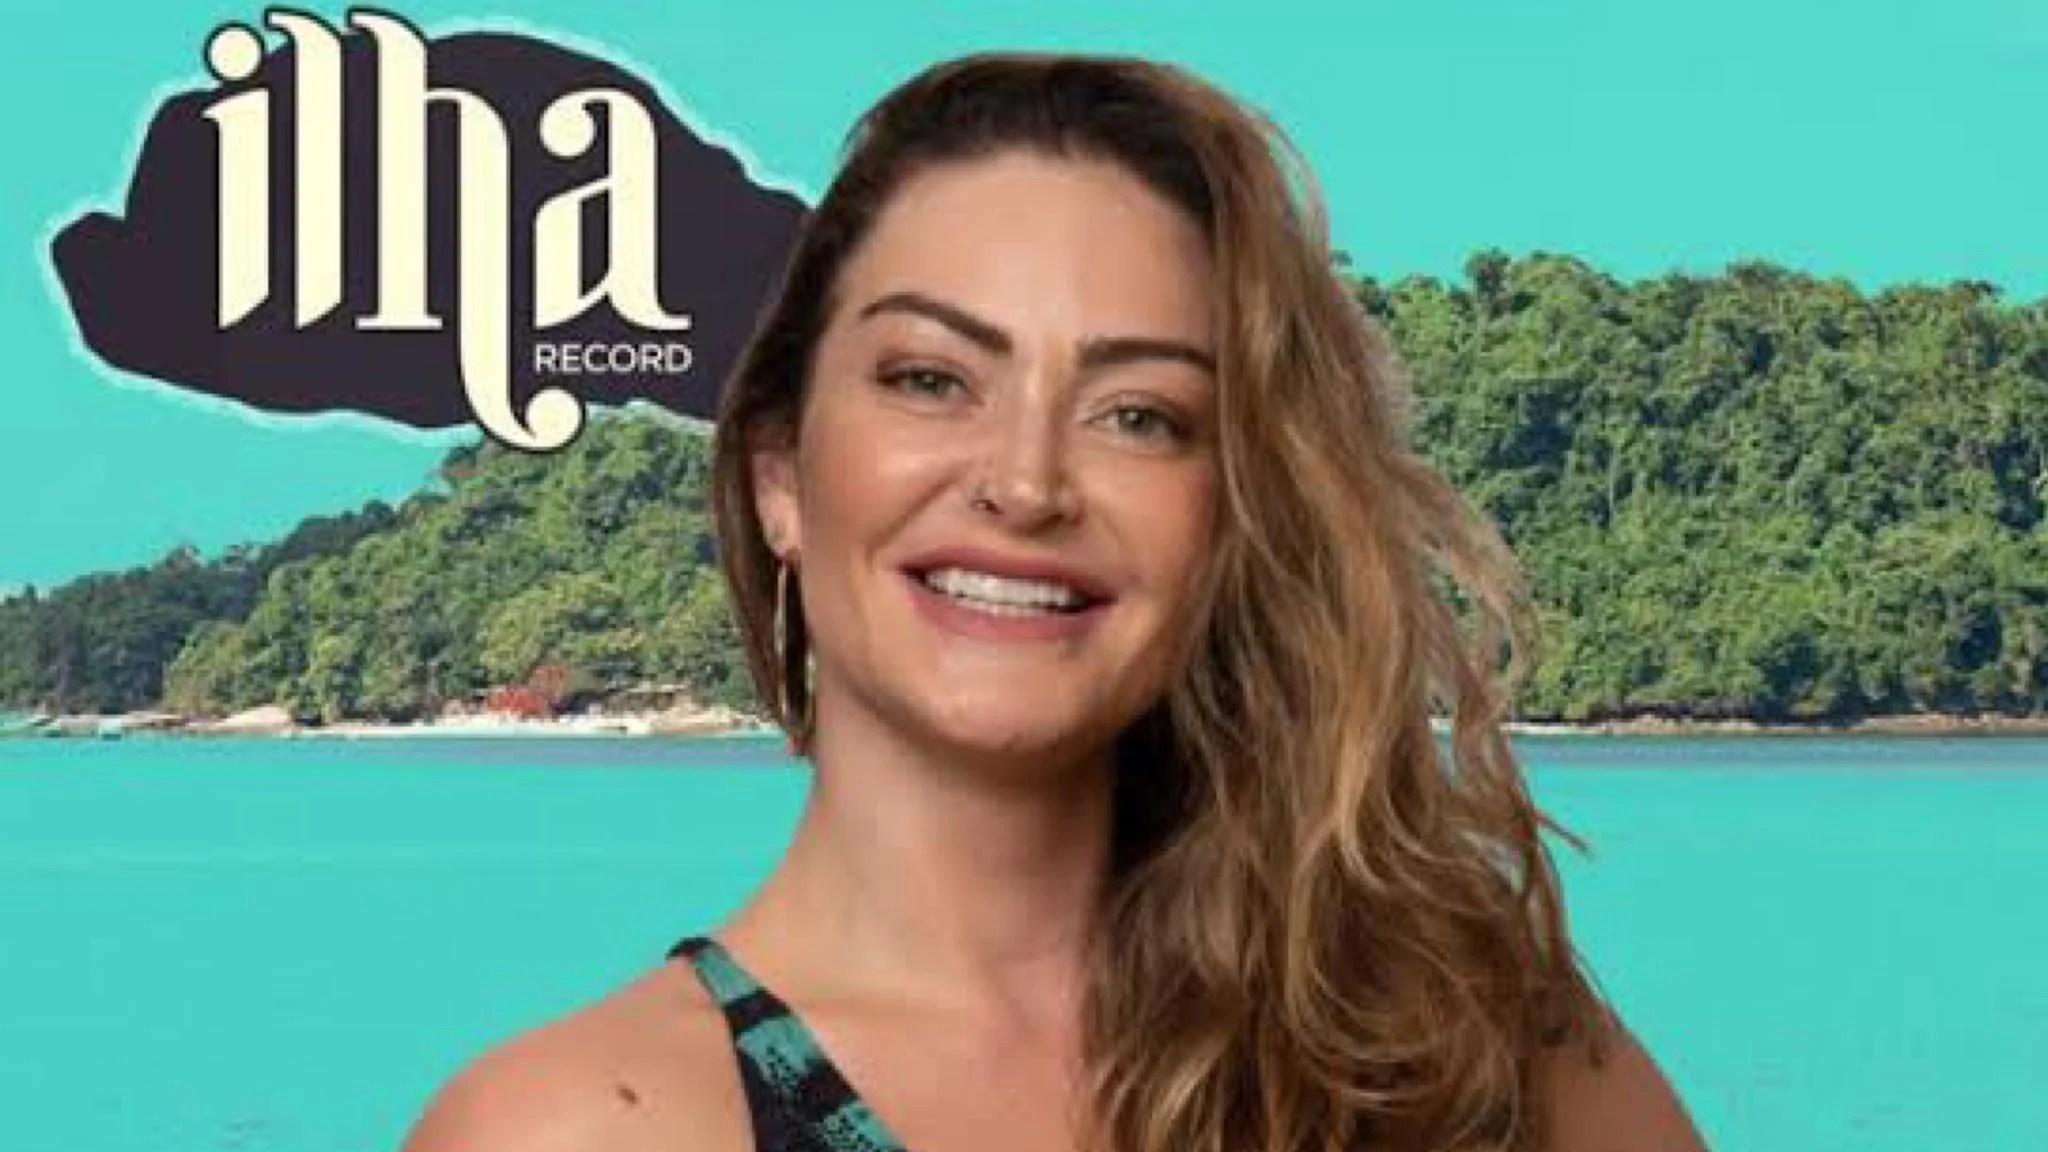 Laura Keller tem 34 anos, um filho já trabalhou na Globo e agora está no Ilha Record. Fonte: Divulgação